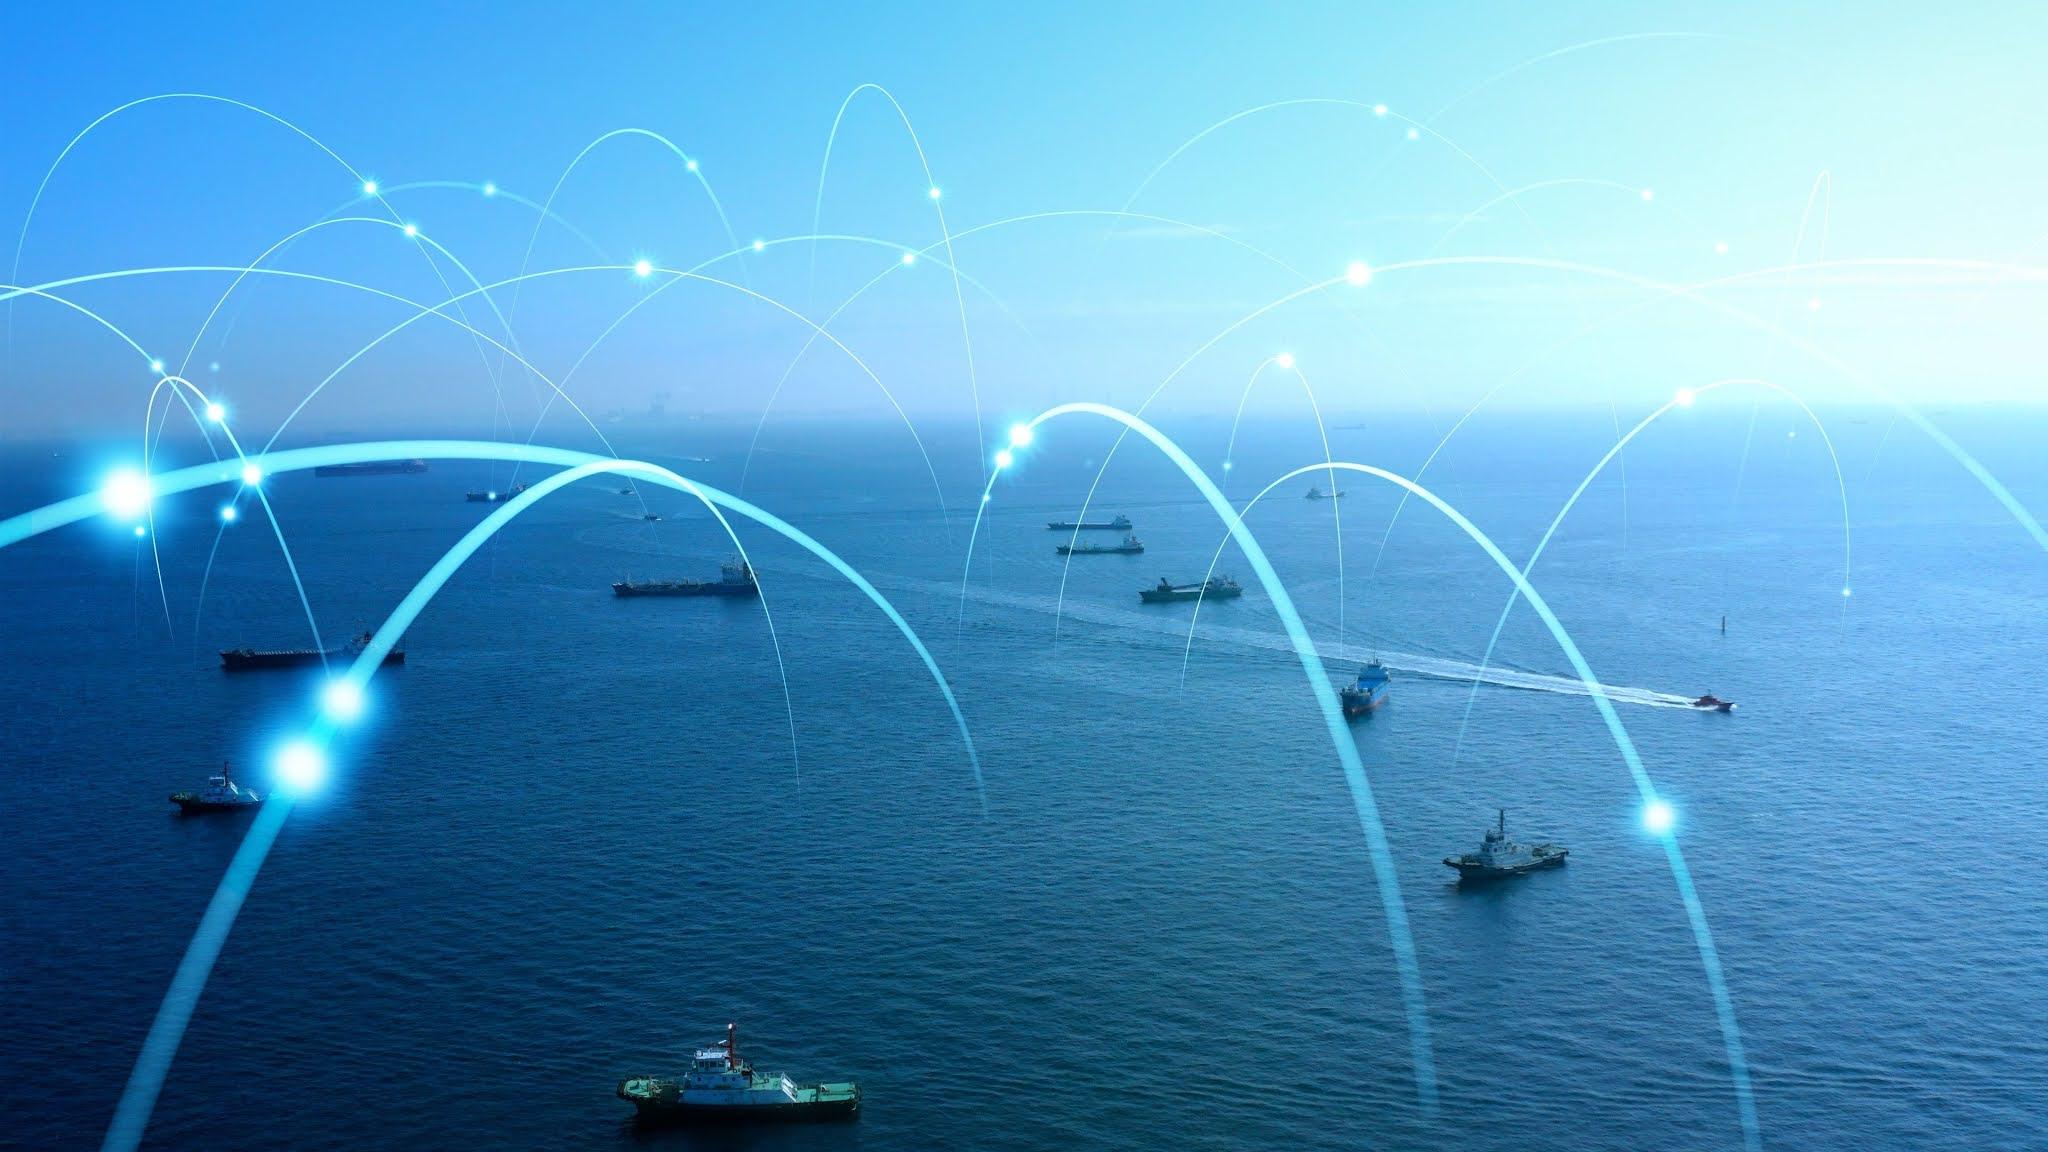 Inteligência Artificial para monitorar cargas marítimas entra em operação